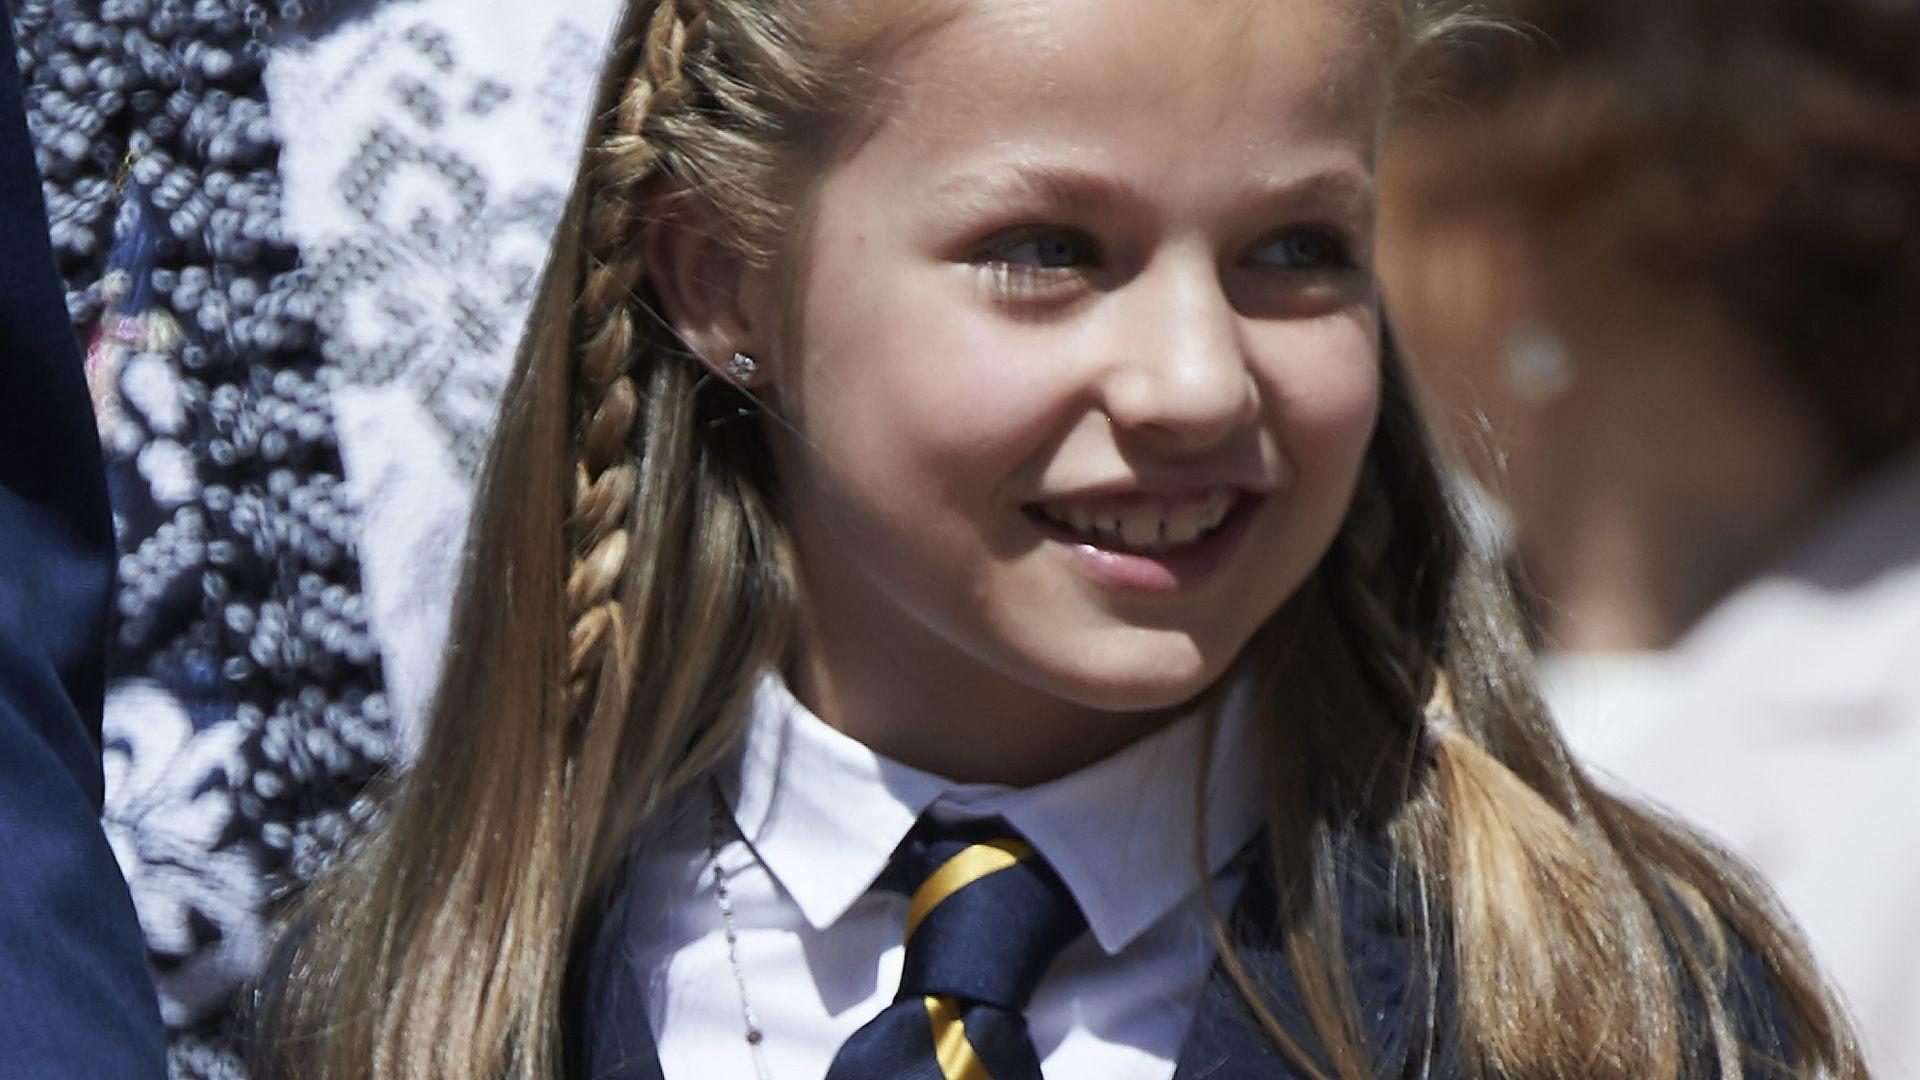 das blonde girl liebt es seinen schwanz zu lutschen und blasen